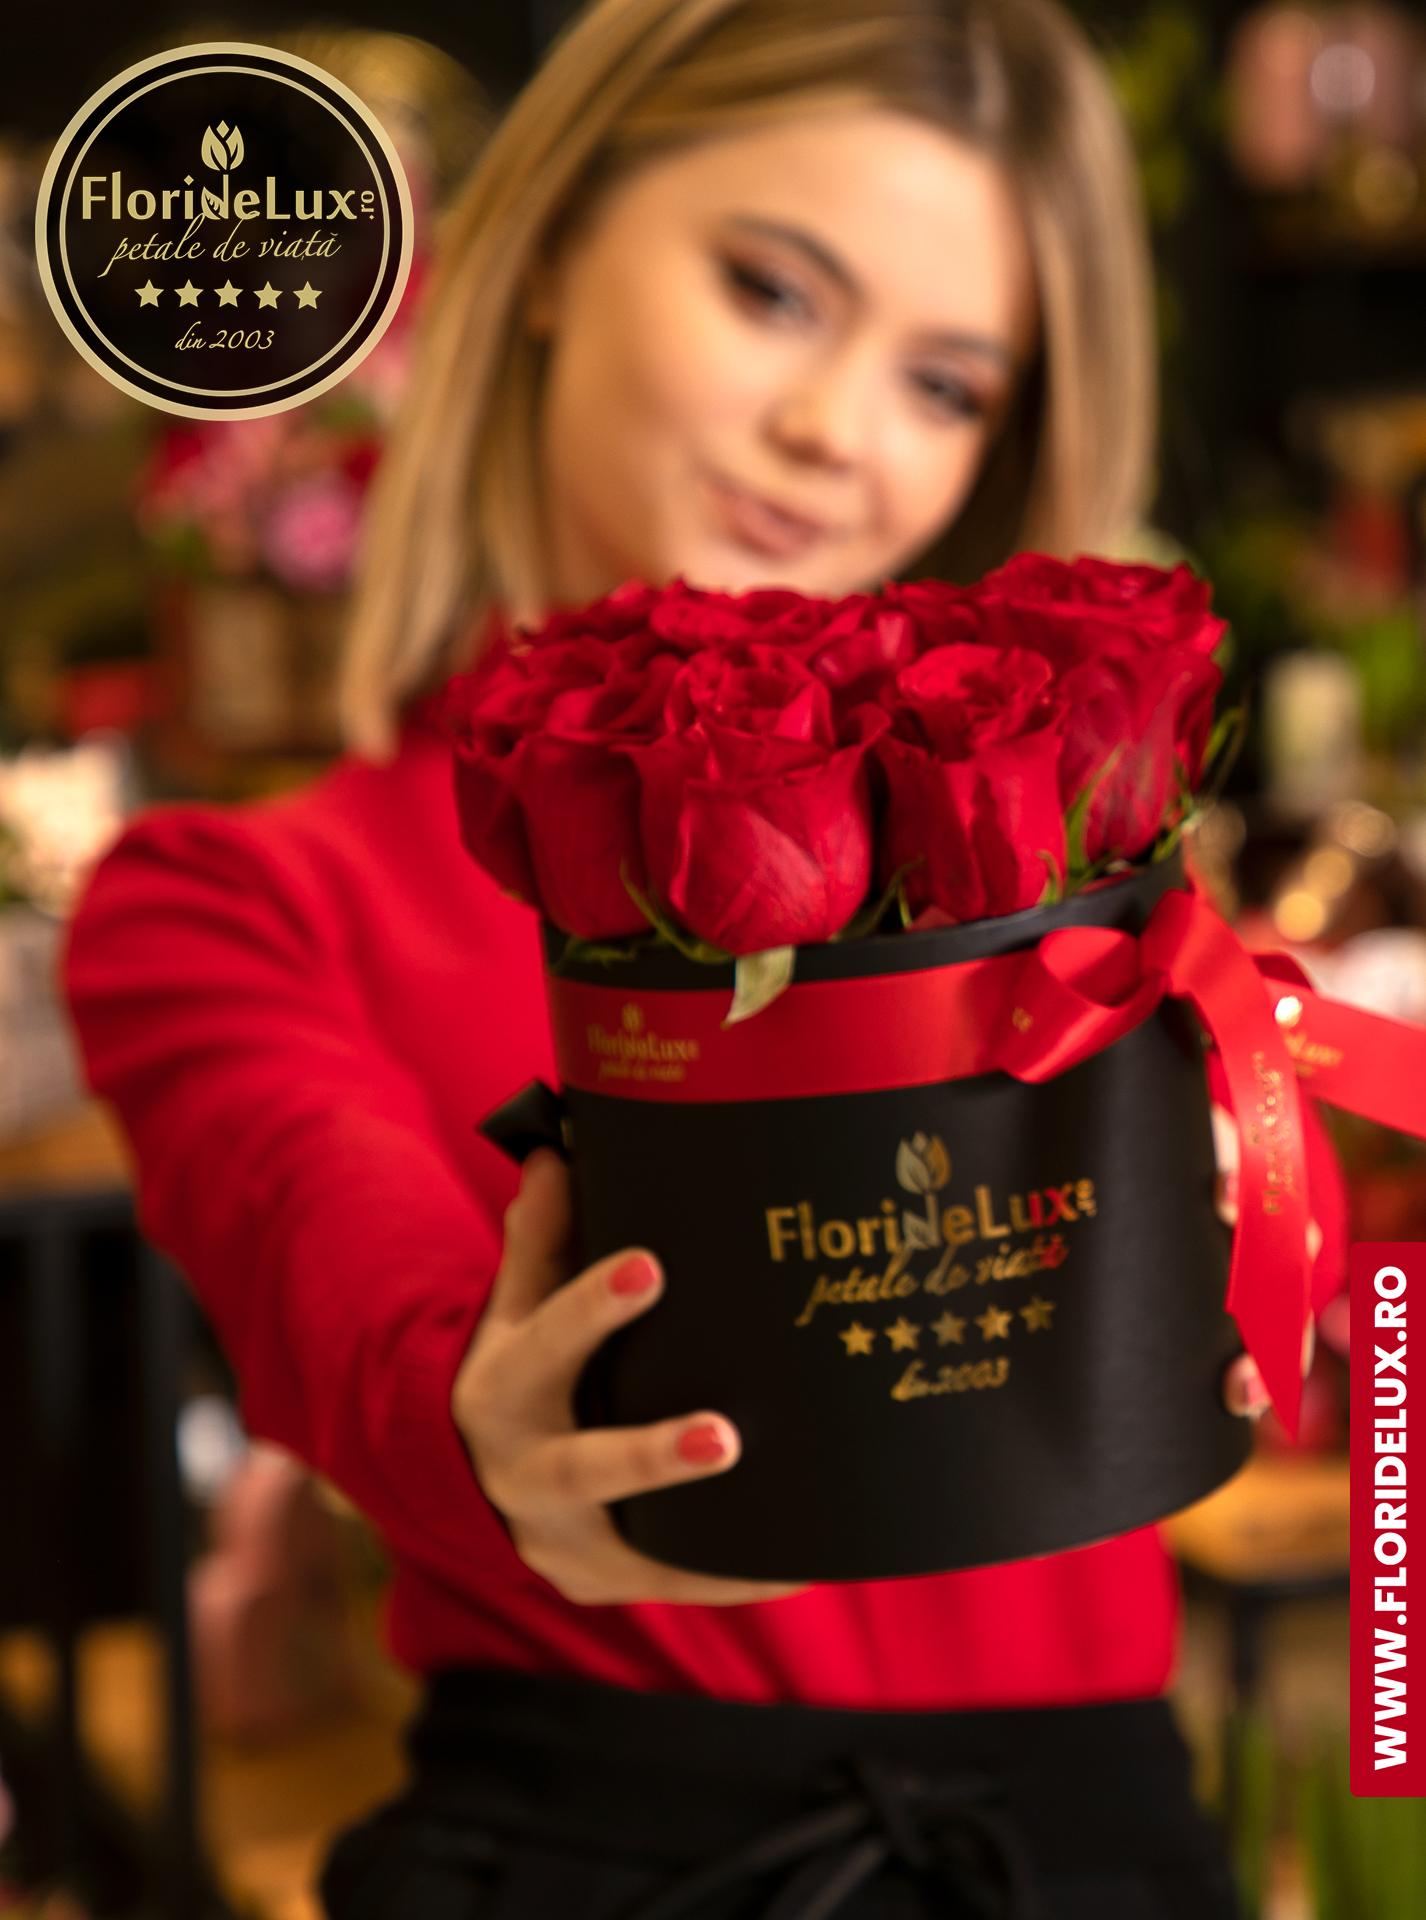 Florarie Drobeta Turnu-Severin cu livrare imediata